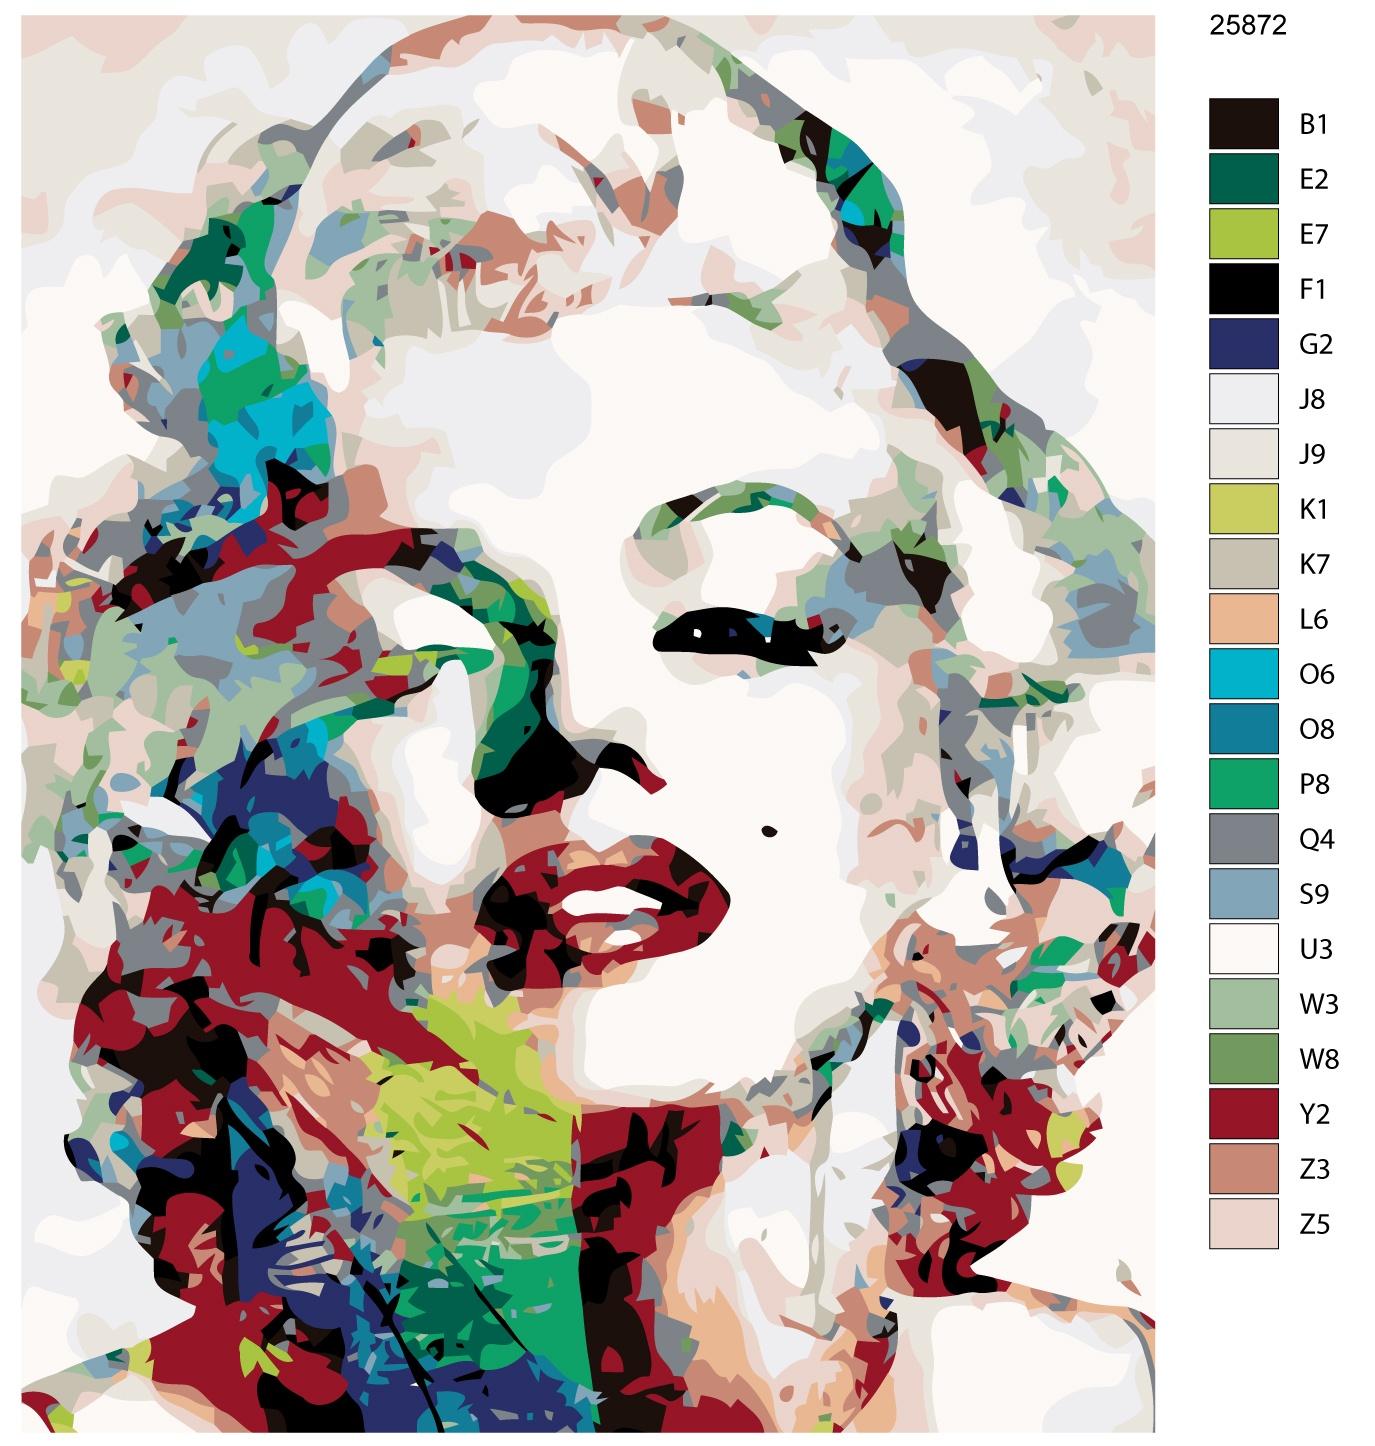 Картина по номерам, 40 x 50 см, KTMK-25872